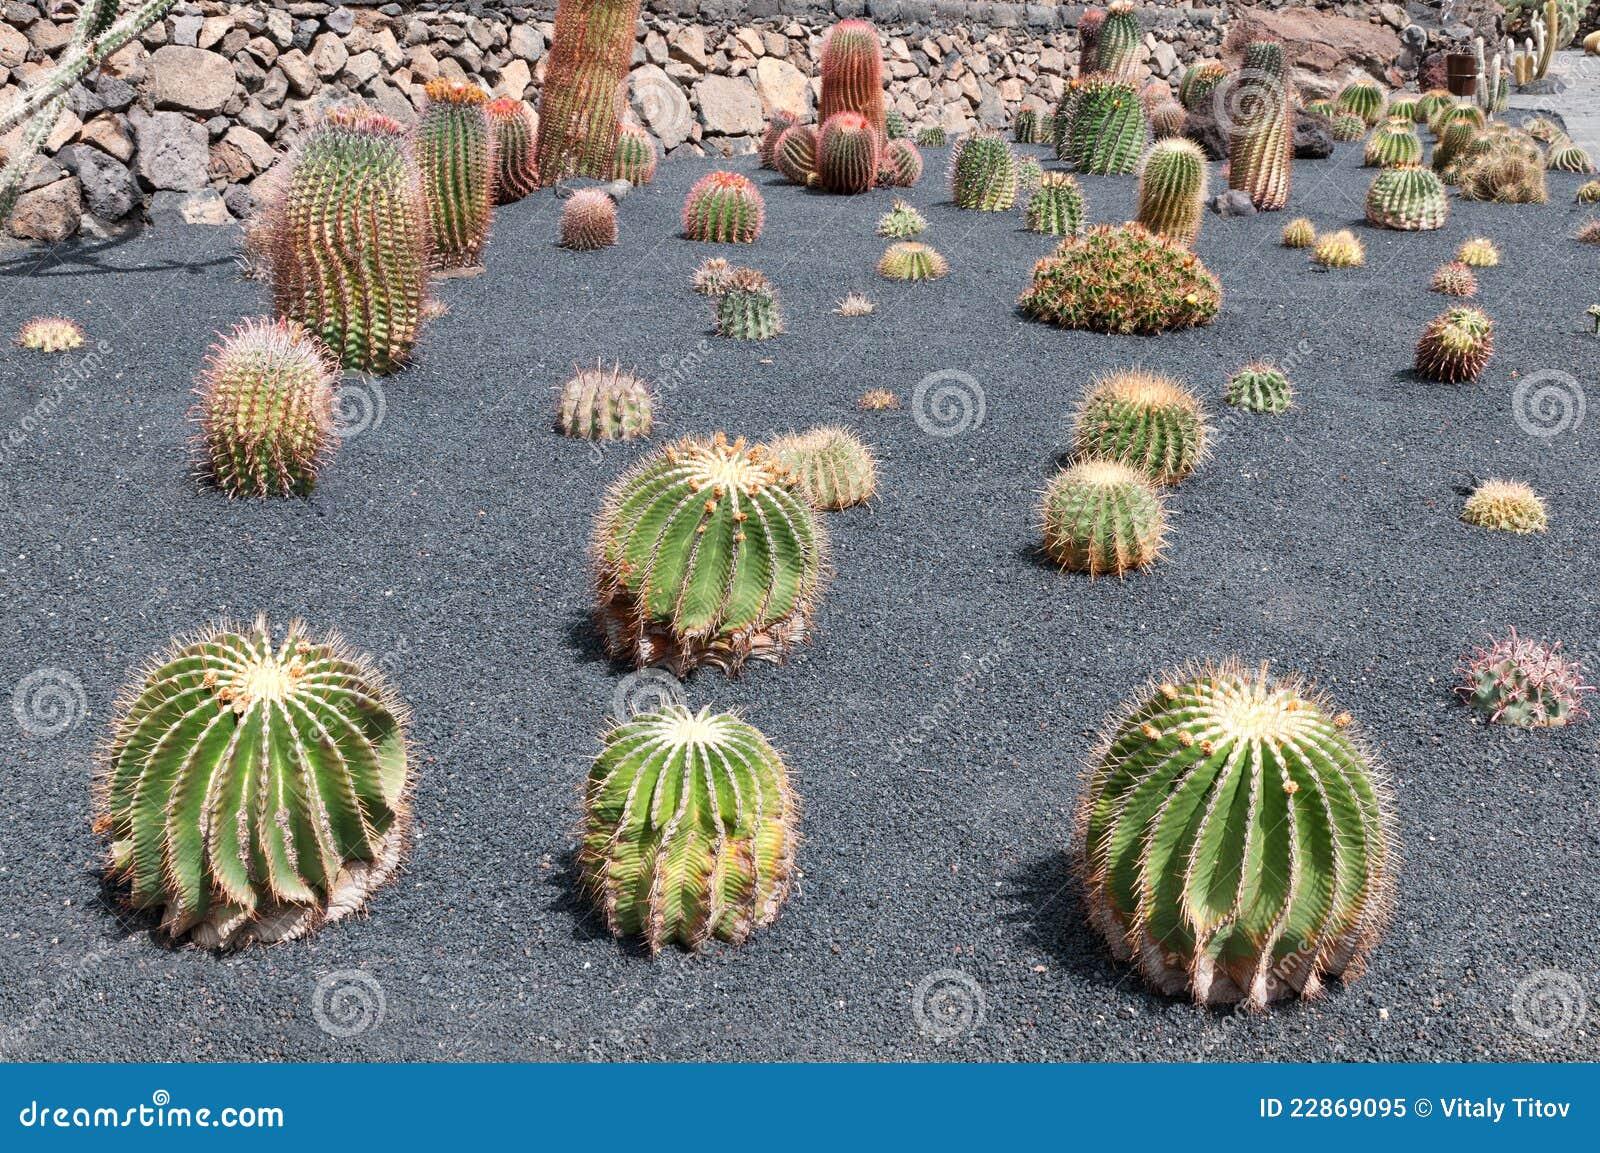 Cactus garden jardin de cactus lanzarote spain royalty for Jardines con cactus